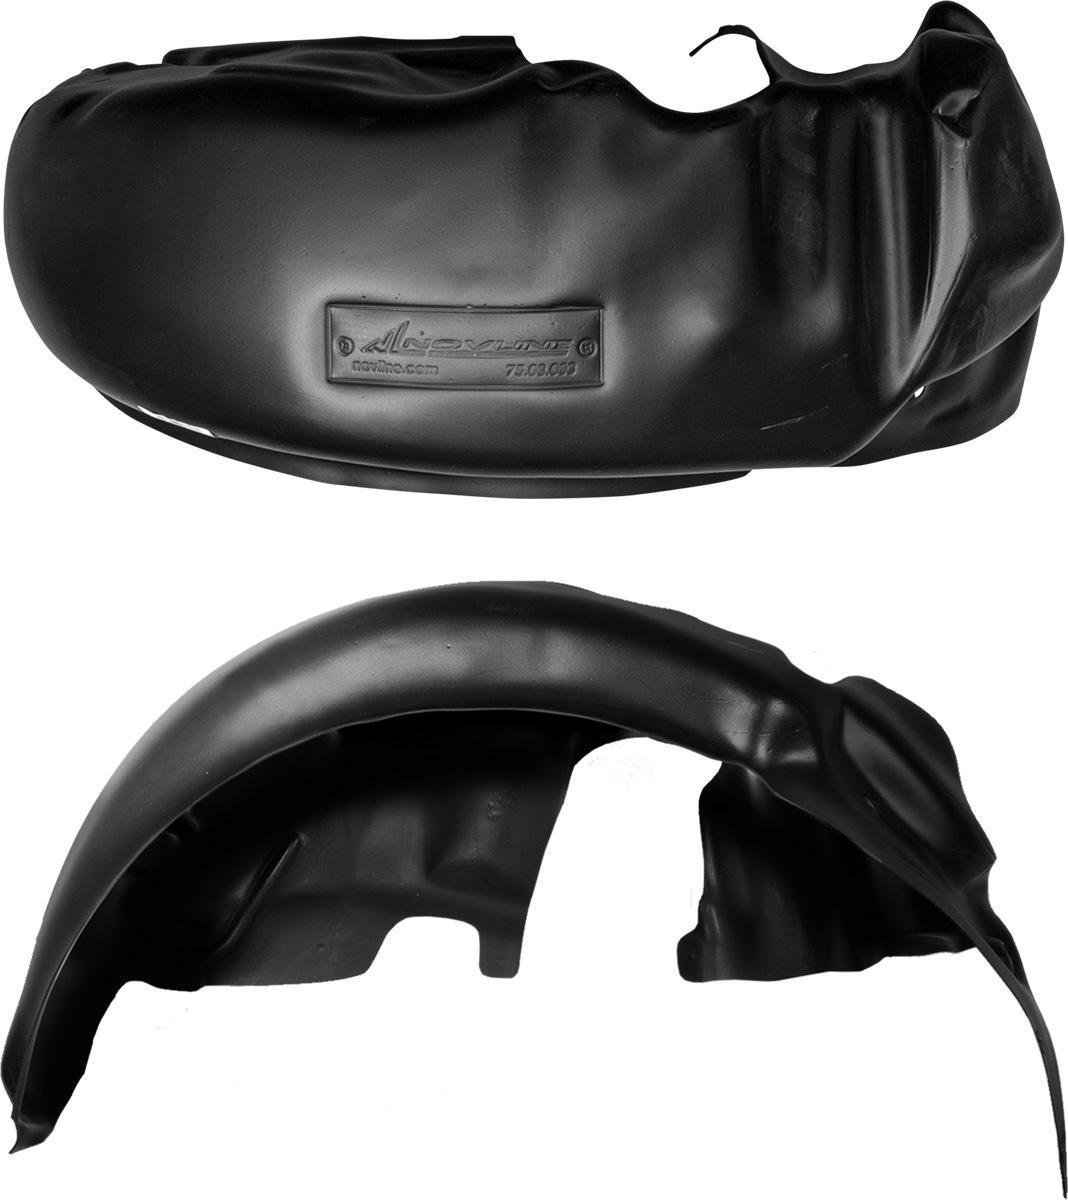 Подкрылок RENAULT Logan 2004-2013, задний правый5104Колесные ниши – одни из самых уязвимых зон днища вашего автомобиля. Они постоянно подвергаются воздействию со стороны дороги. Лучшая, почти абсолютная защита для них - специально отформованные пластиковые кожухи, которые называются подкрылками, или локерами. Производятся они как для отечественных моделей автомобилей, так и для иномарок. Подкрылки выполнены из высококачественного, экологически чистого пластика. Обеспечивают надежную защиту кузова автомобиля от пескоструйного эффекта и негативного влияния, агрессивных антигололедных реагентов. Пластик обладает более низкой теплопроводностью, чем металл, поэтому в зимний период эксплуатации использование пластиковых подкрылков позволяет лучше защитить колесные ниши от налипания снега и образования наледи. Оригинальность конструкции подчеркивает элегантность автомобиля, бережно защищает нанесенное на днище кузова антикоррозийное покрытие и позволяет осуществить крепление подкрылков внутри колесной арки практически без дополнительного крепежа и сверления, не нарушая при этом лакокрасочного покрытия, что предотвращает возникновение новых очагов коррозии. Технология крепления подкрылков на иномарки принципиально отличается от крепления на российские автомобили и разрабатывается индивидуально для каждой модели автомобиля. Подкрылки долговечны, обладают высокой прочностью и сохраняют заданную форму, а также все свои физико-механические характеристики в самых тяжелых климатических условиях ( от -50° С до + 50° С).